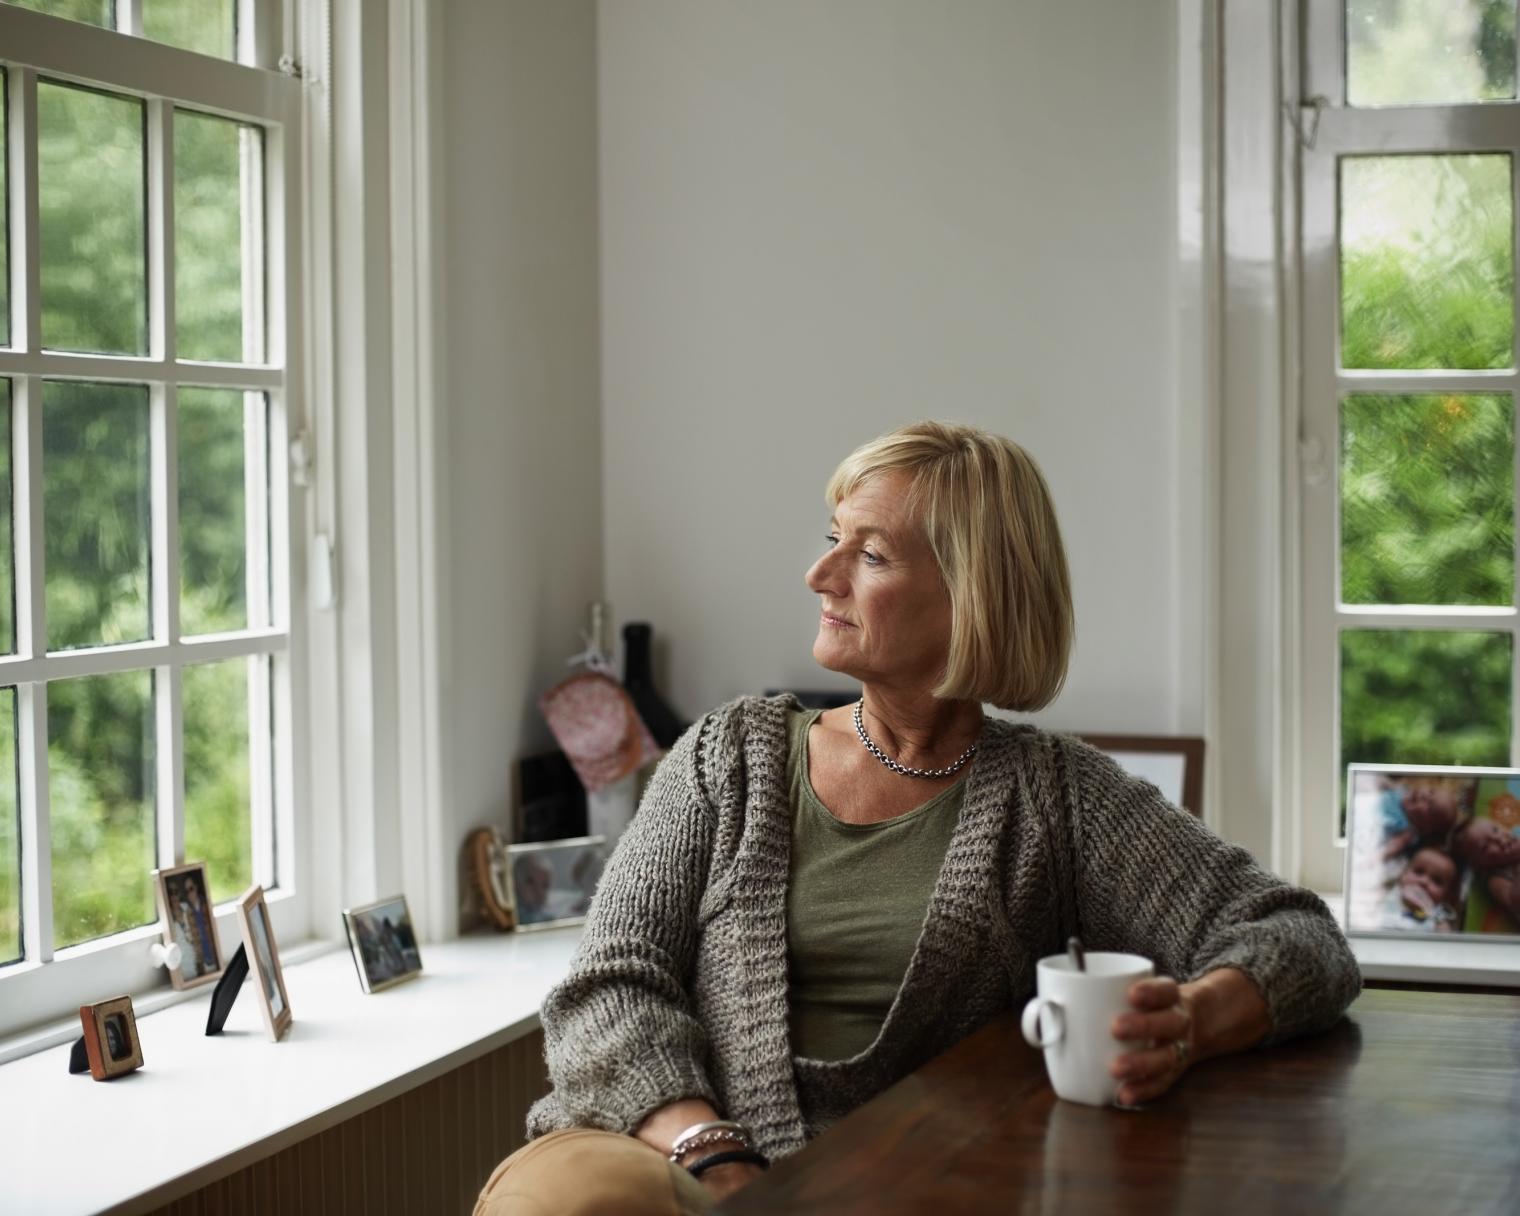 Frau sieht nachdenklich aus Fenster